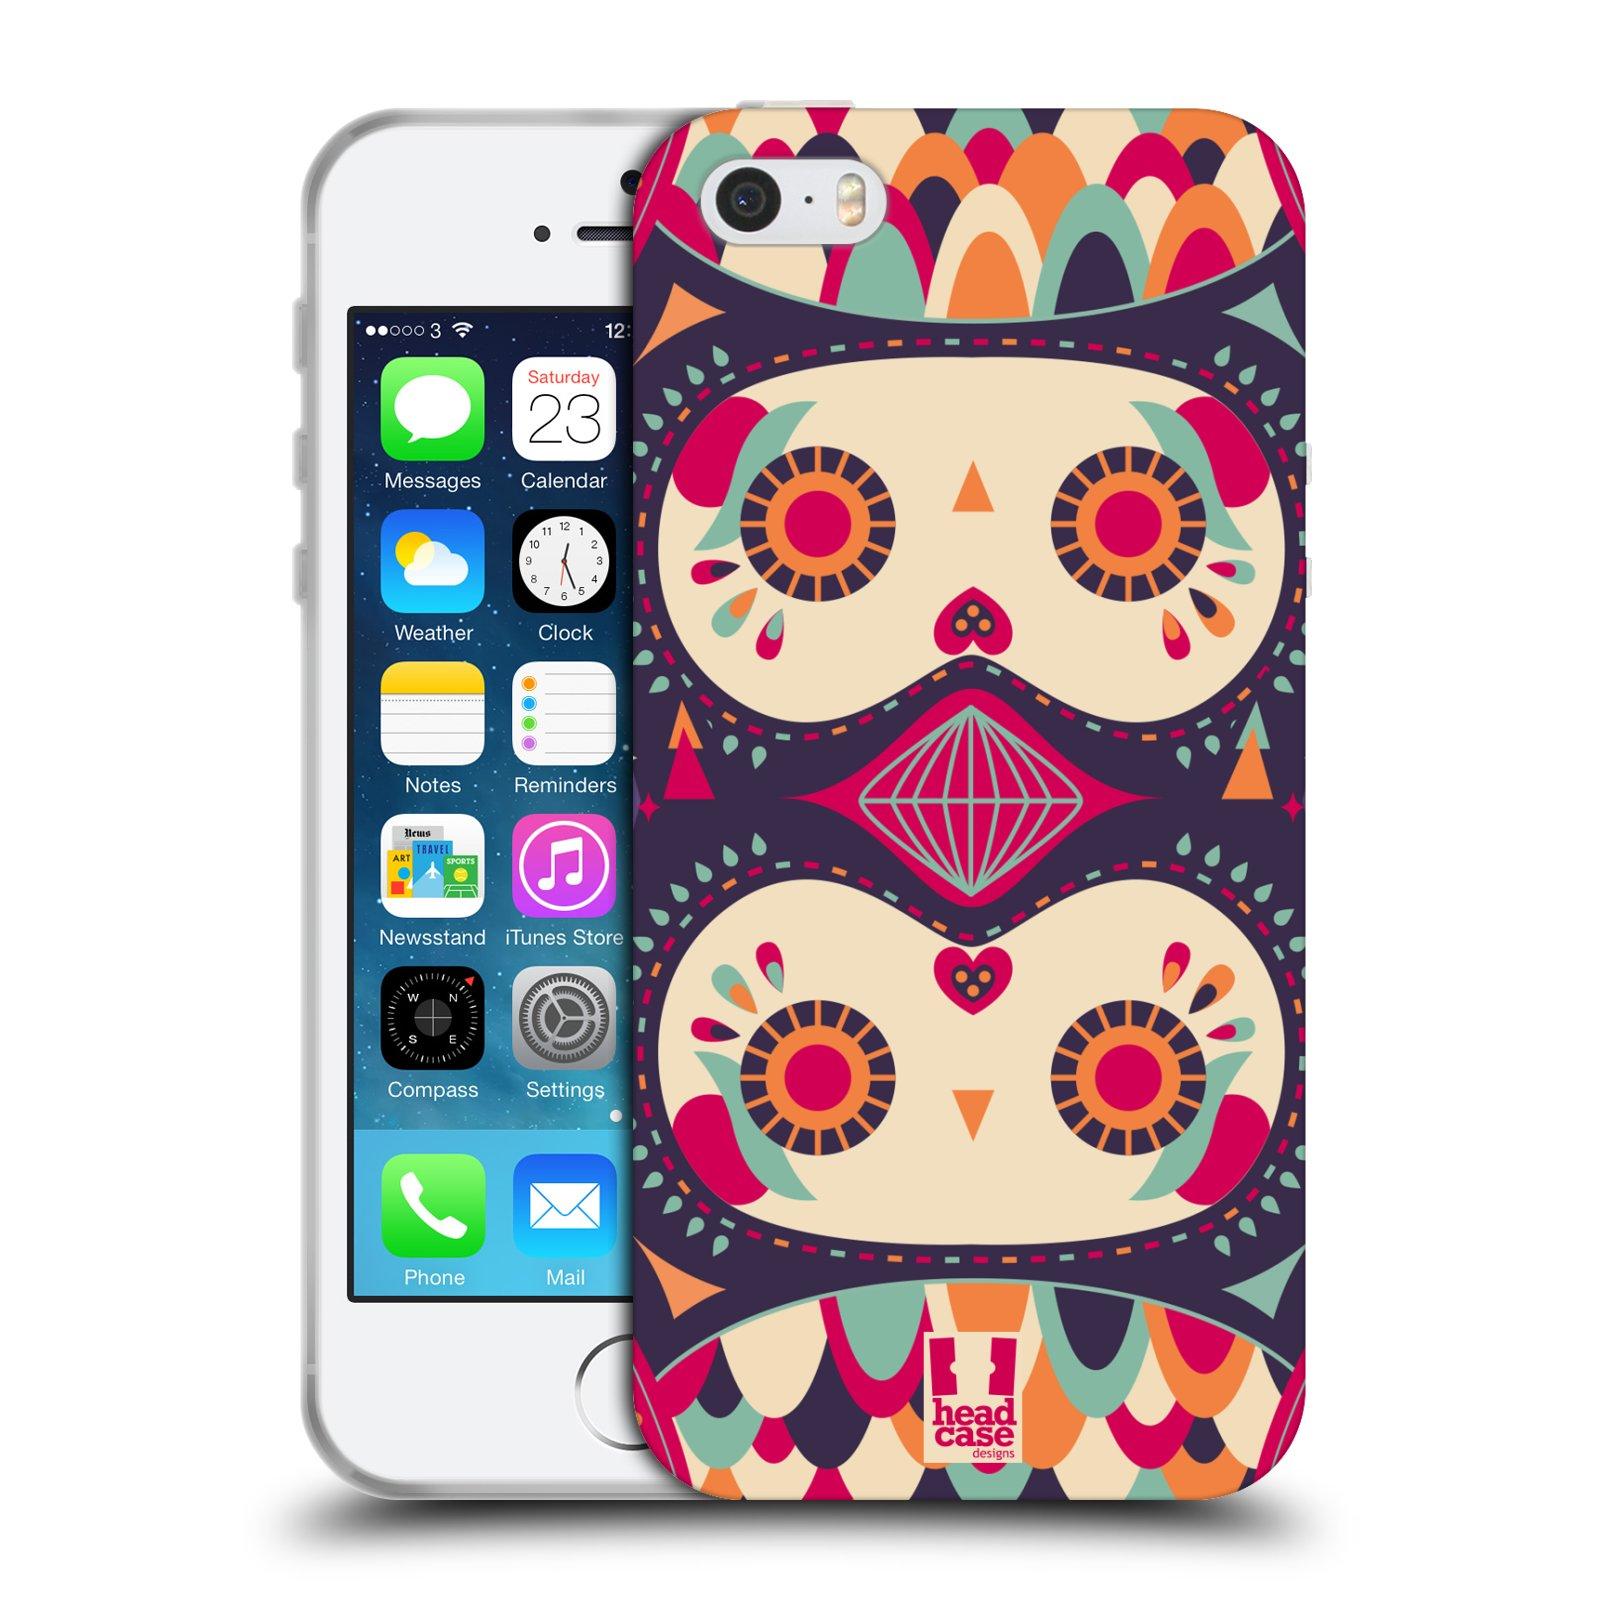 HEAD CASE silikonový obal na mobil Apple Iphone 5/5S vzor Stmívání sovička fialový sen